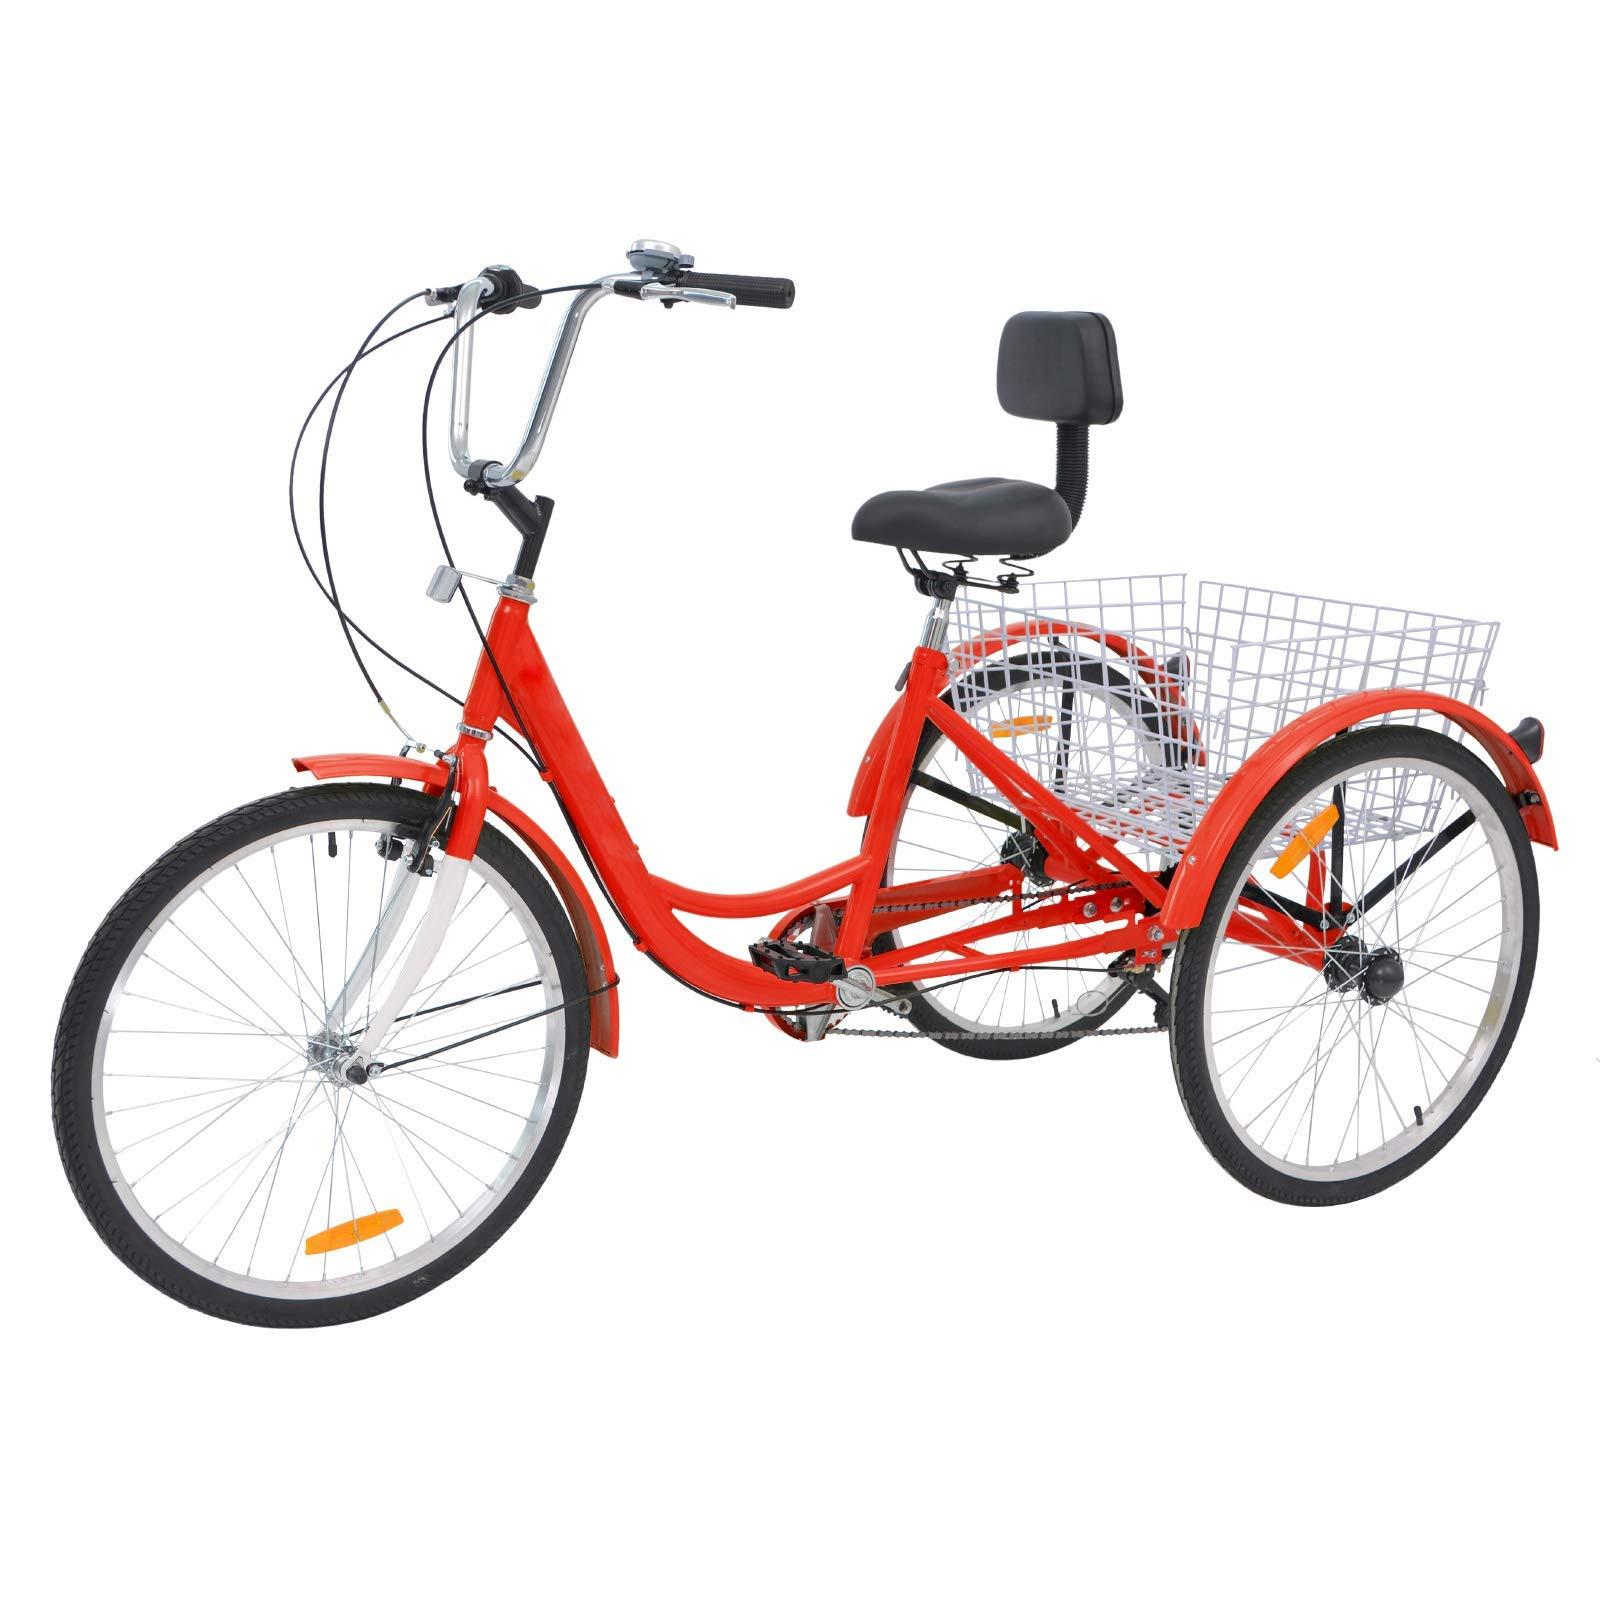 H&ZT Triciclo de 3 Ruedas para Adultos con Cesta Grande y Herramientas de Mantenimiento, Rueda de 24 Pulgadas para Bicicleta de Triciclo, Bicicleta de Crucero para Hombre y Mujer: Amazon.es: Deportes y